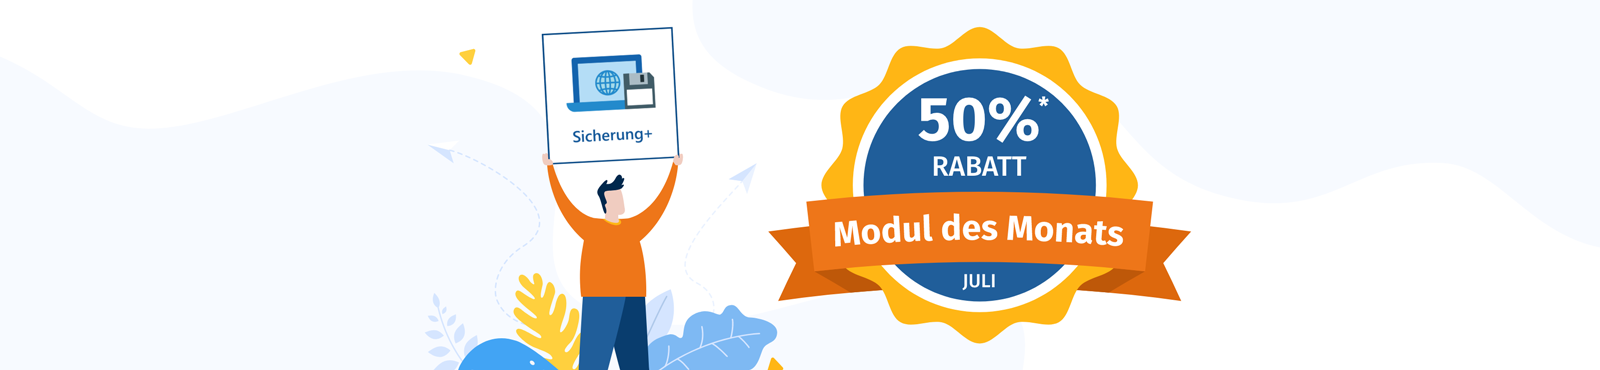 Rabattaktion Juli: 50% Rabatt auf das Modul Sicherung+…